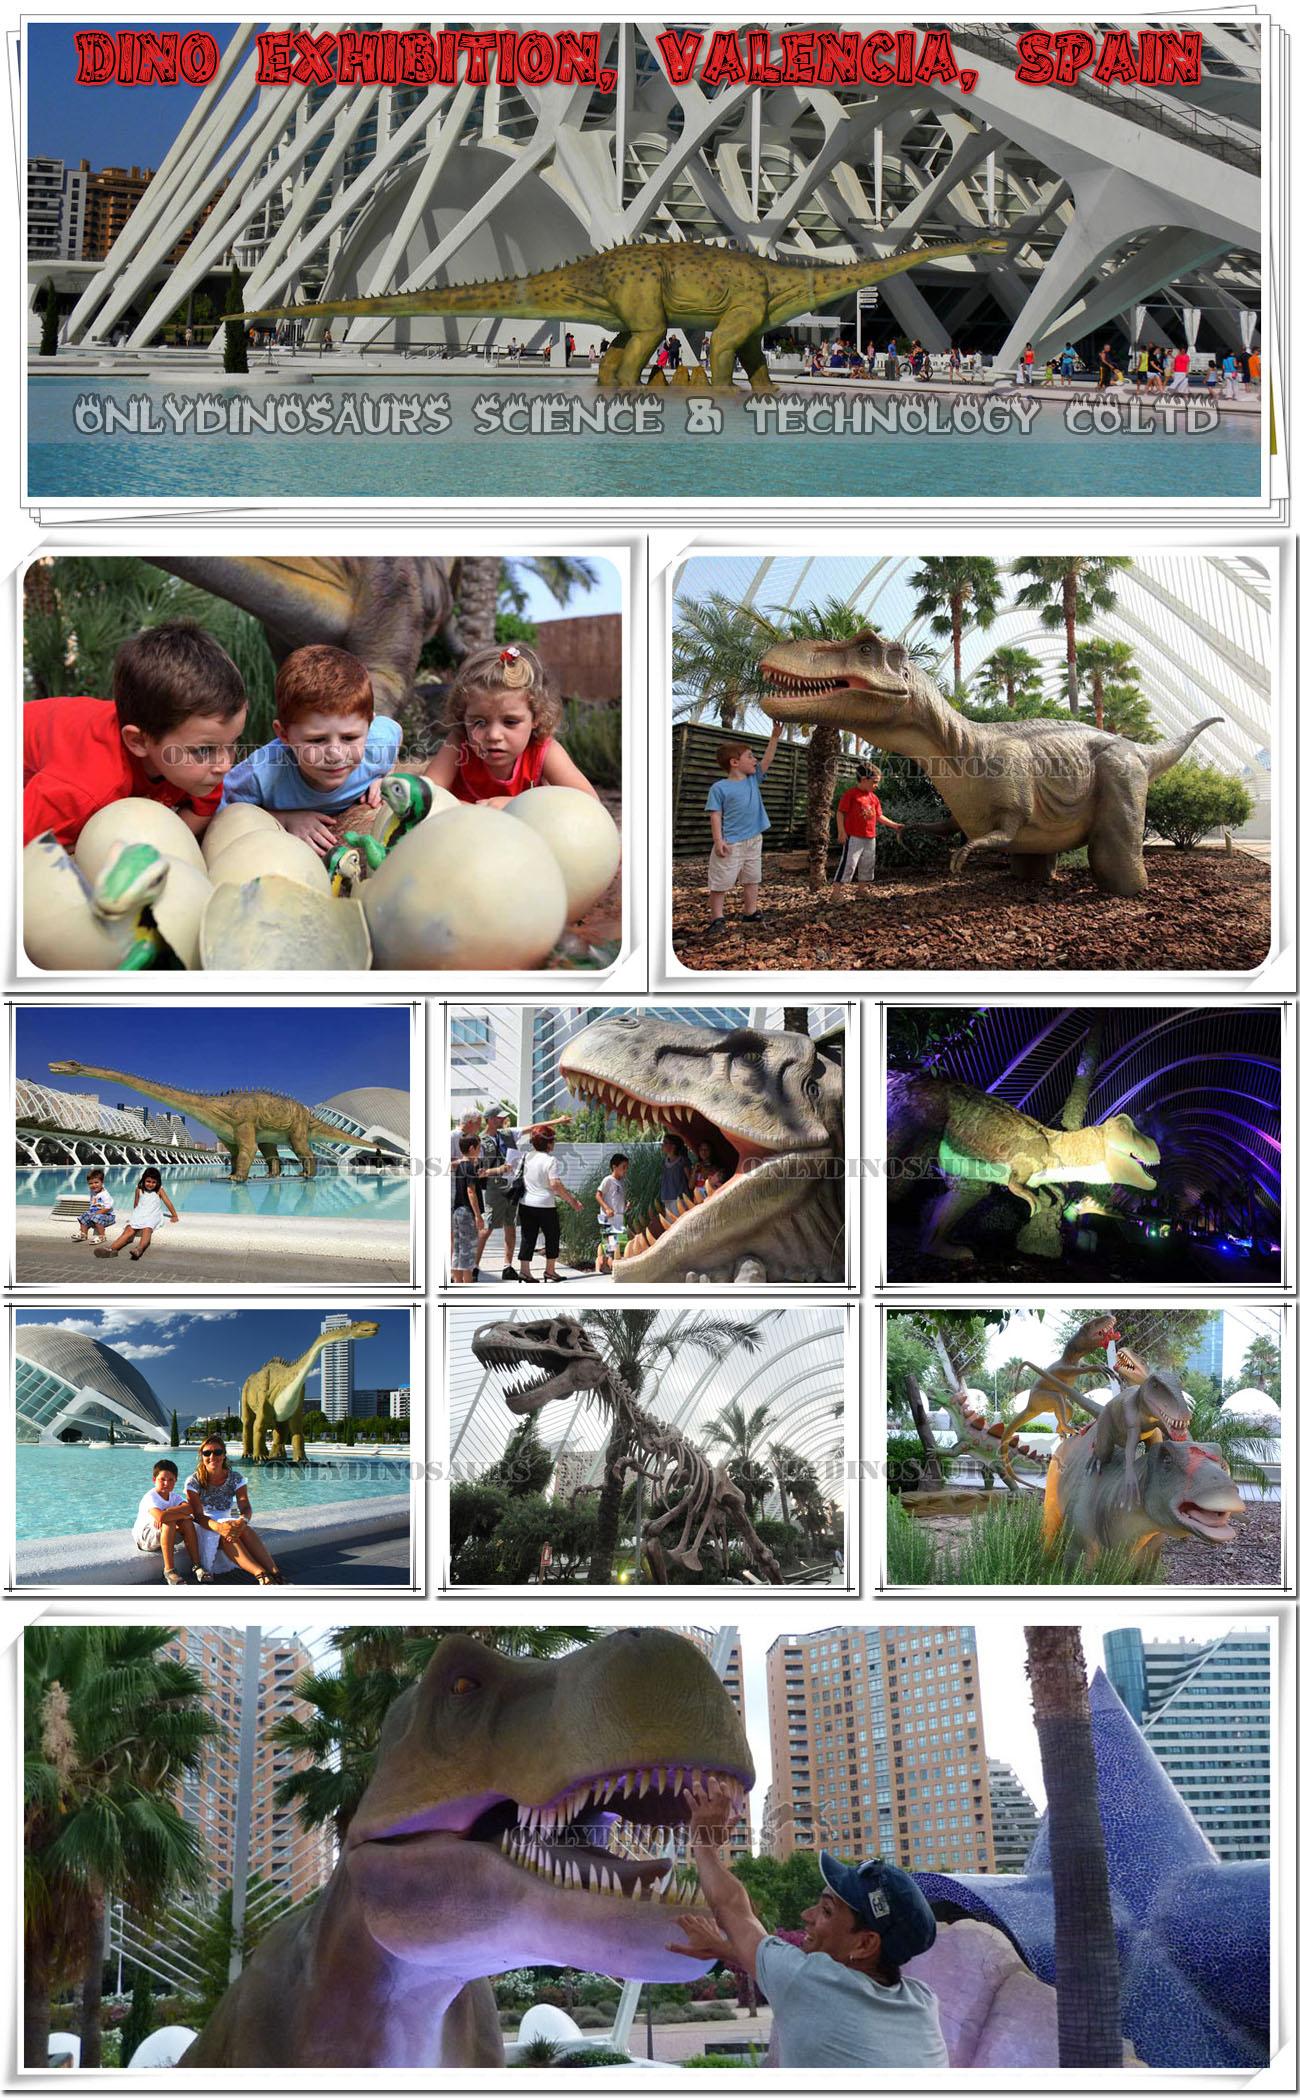 Dinosaur Exhibition in Spain